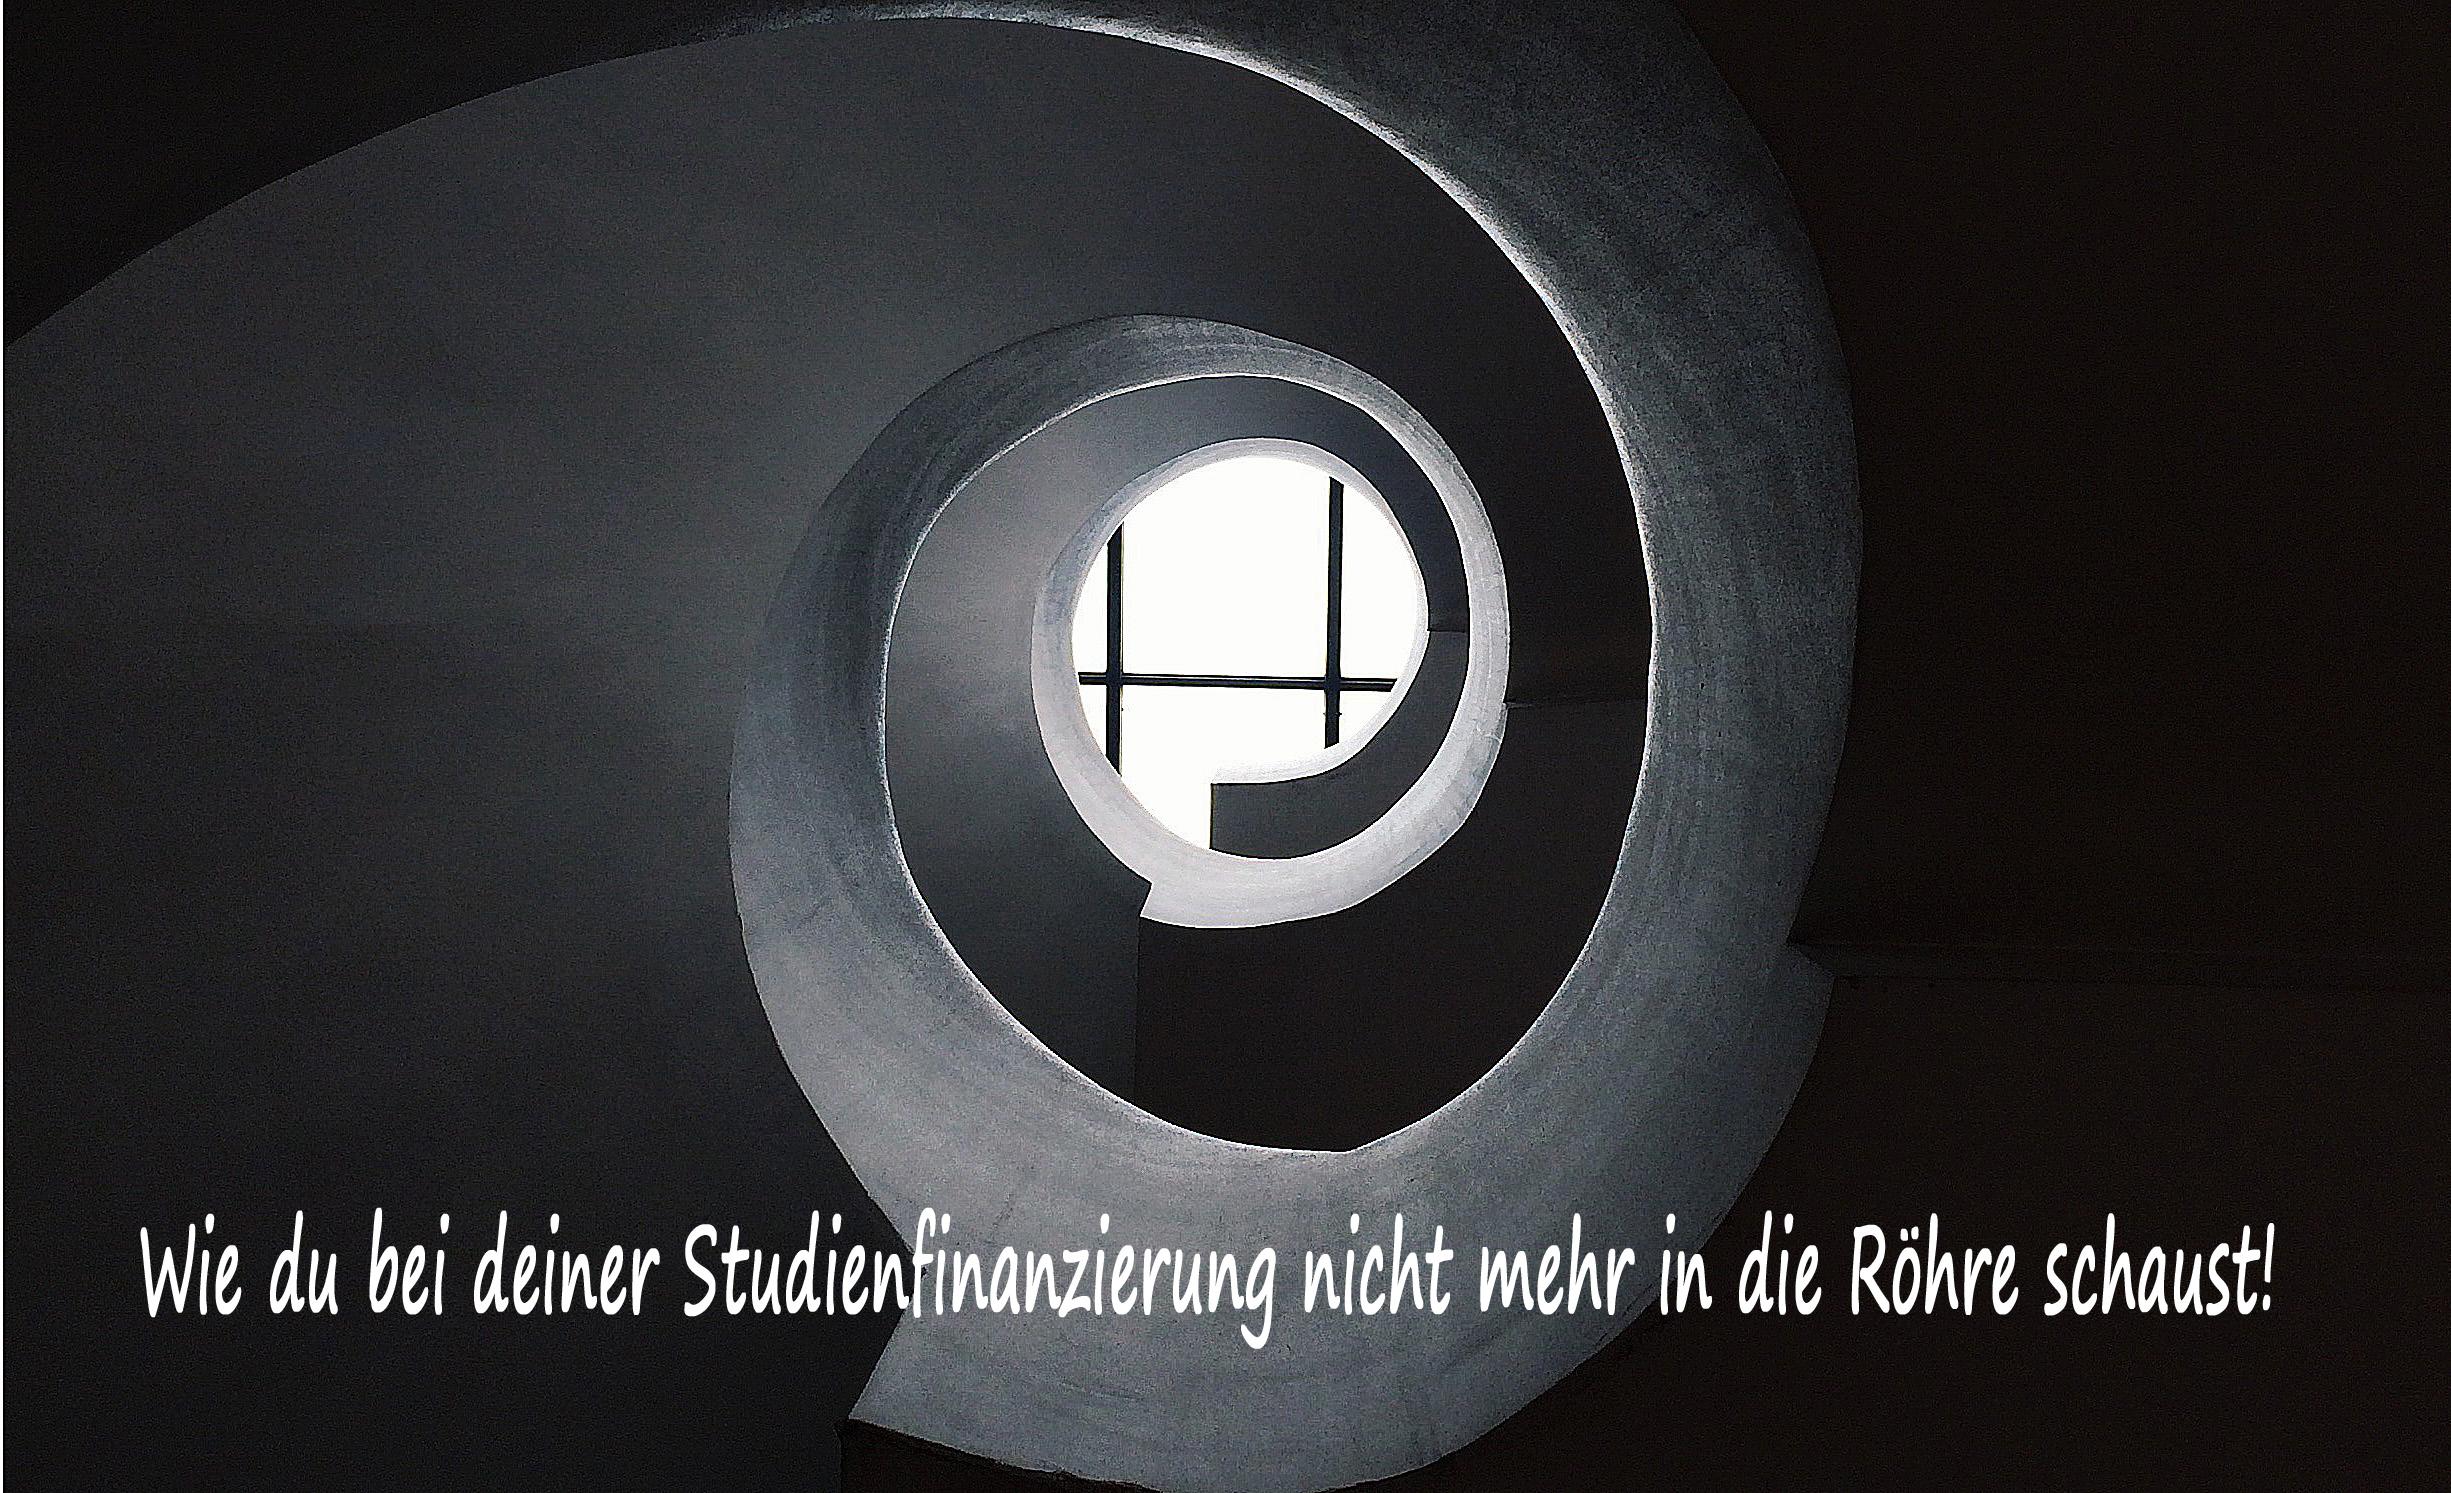 Spiralförmige Skulptur, die auf ein Fenster zuläuft